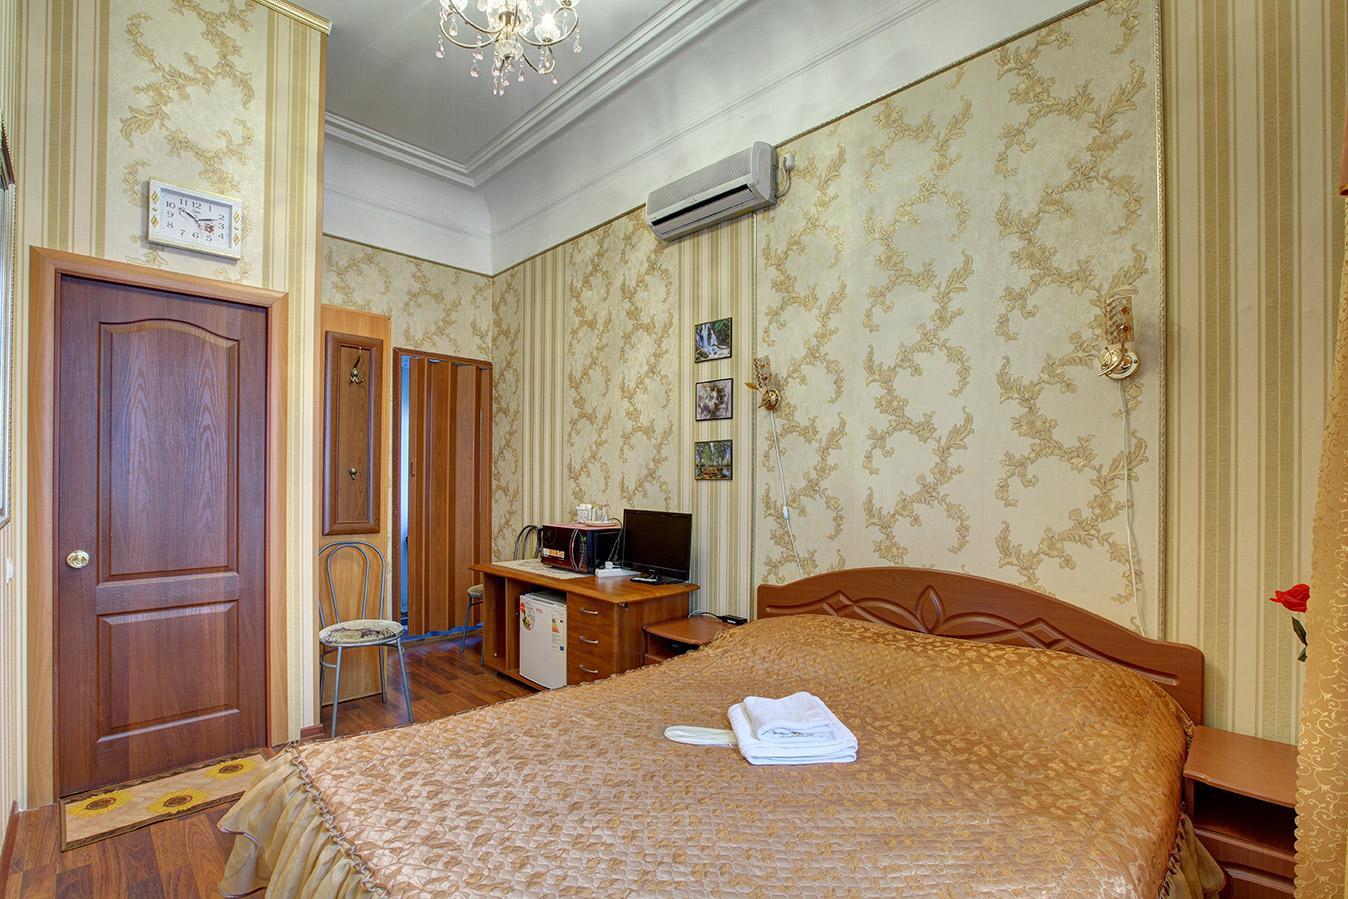 Апарт-отель от КИО с правом выкупа